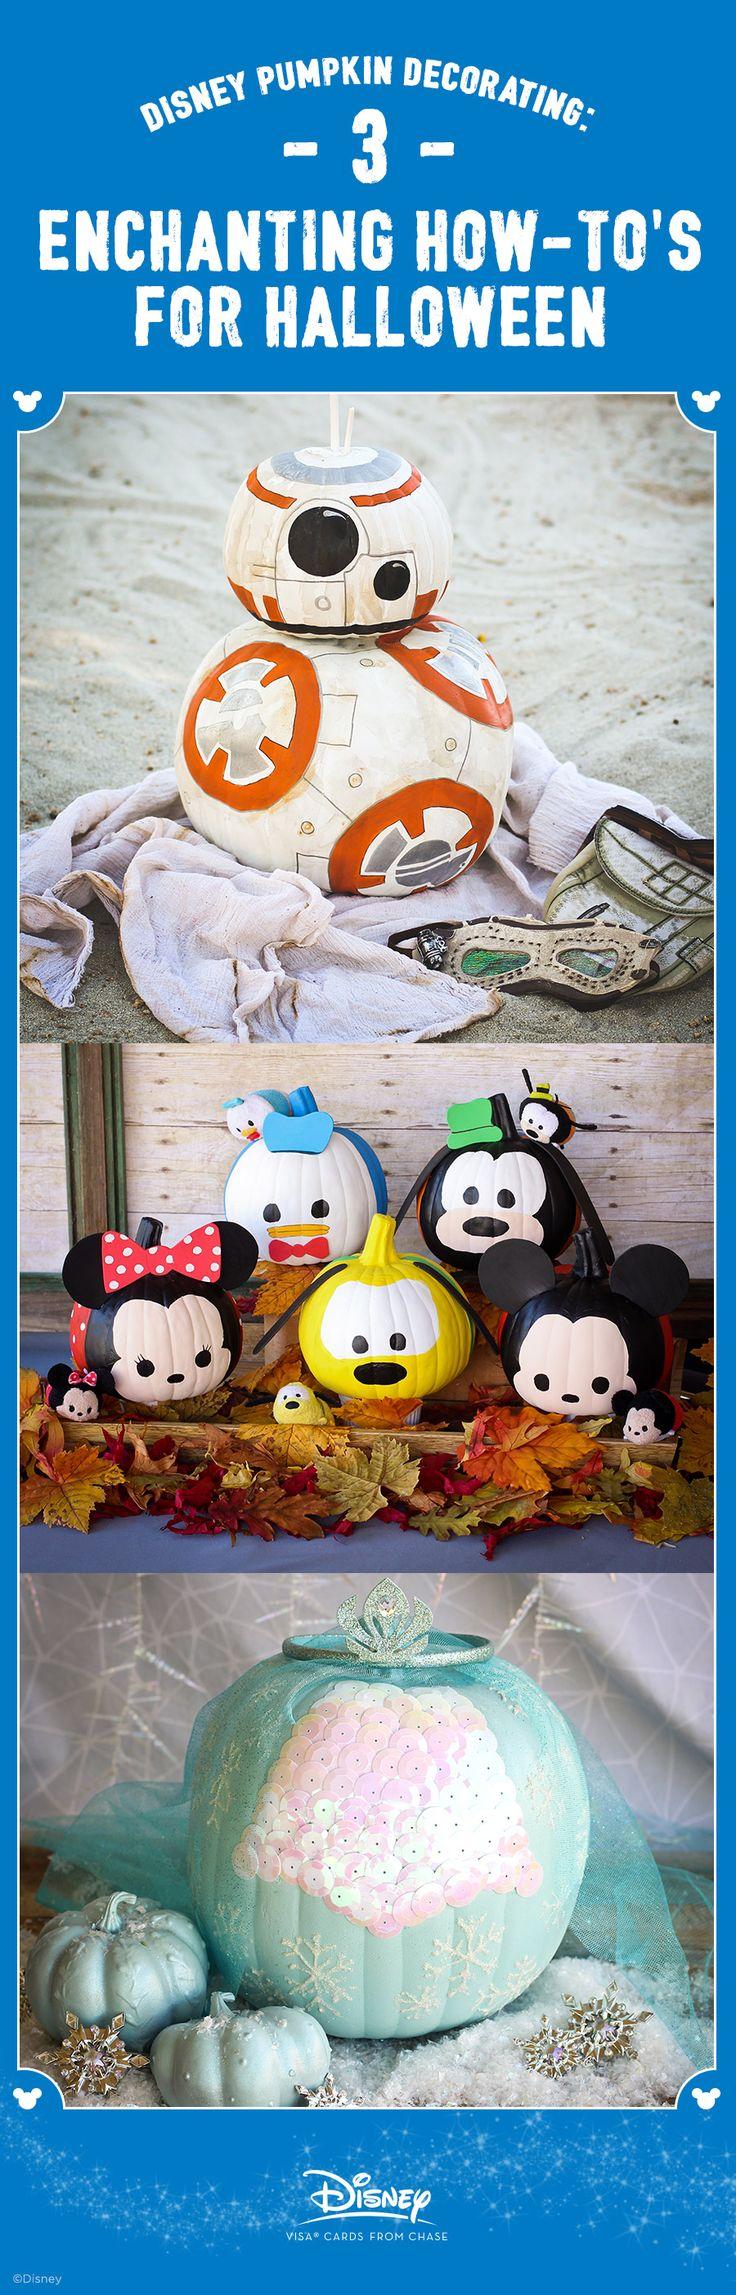 Best 25+ Halloween pumpkin designs ideas on Pinterest | Pumpkin ...